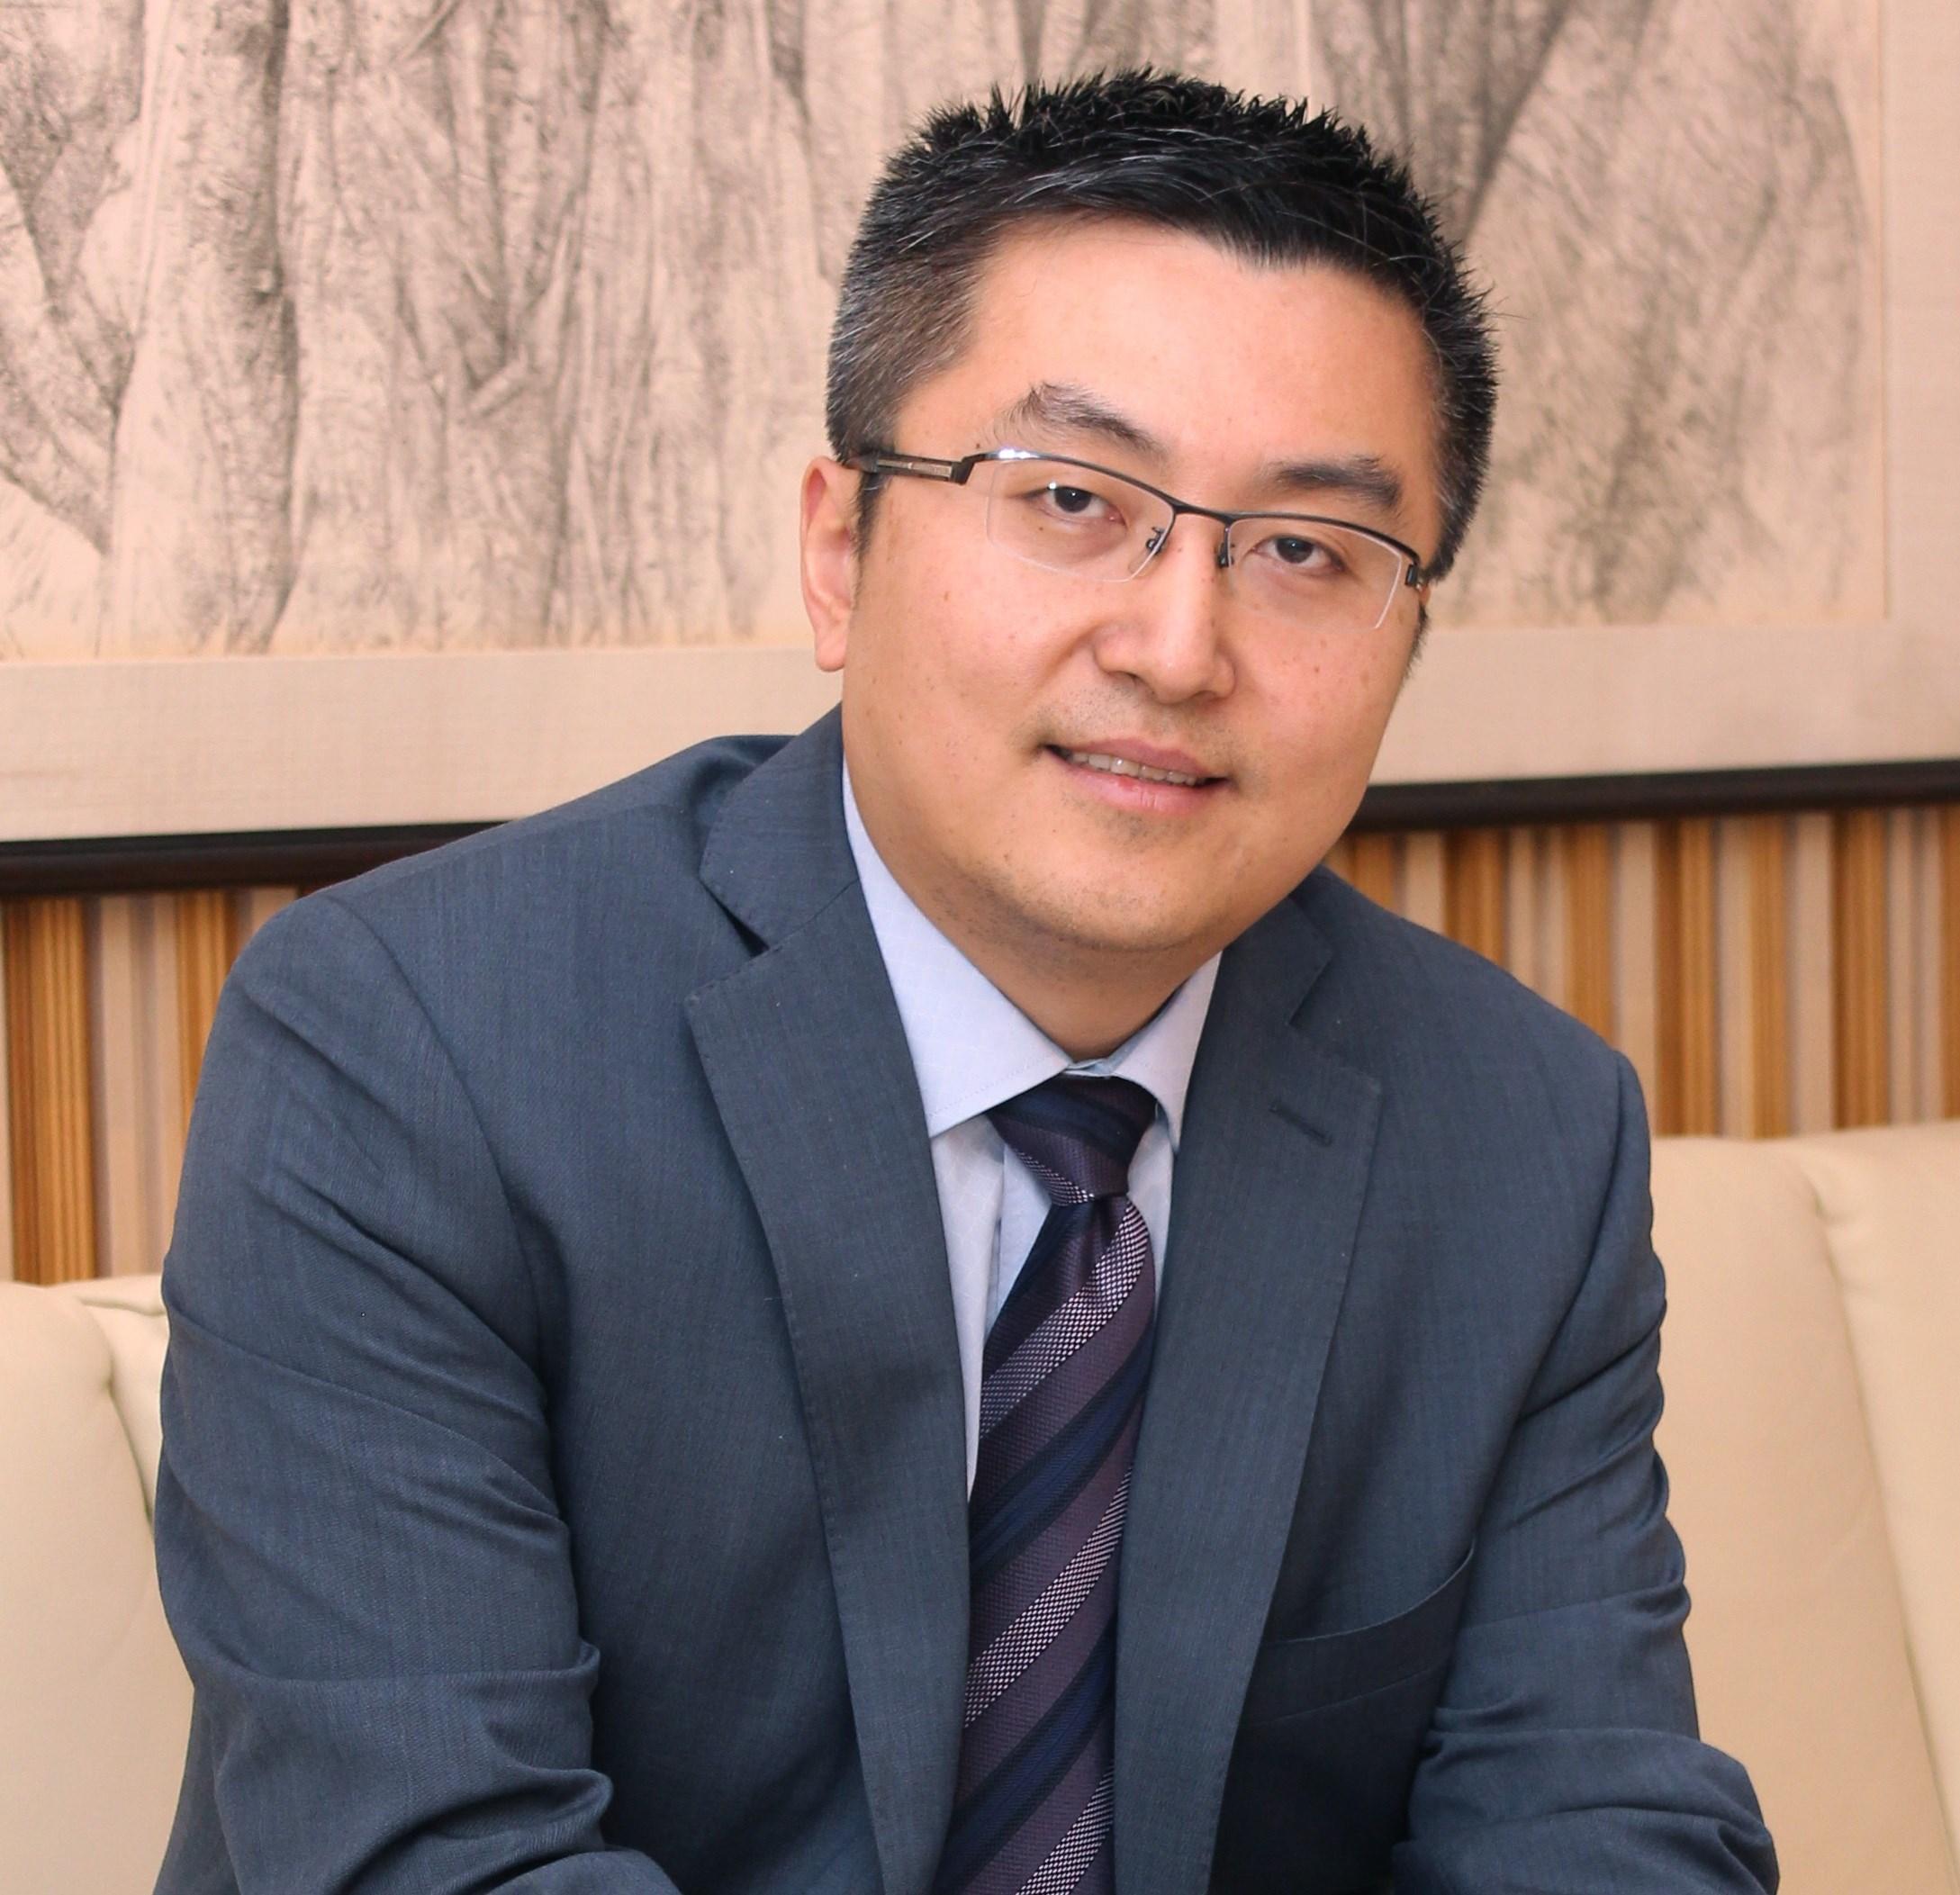 小鹏汽车组豪华高管阵容 摩根大通顾宏地出任副董事长兼总裁